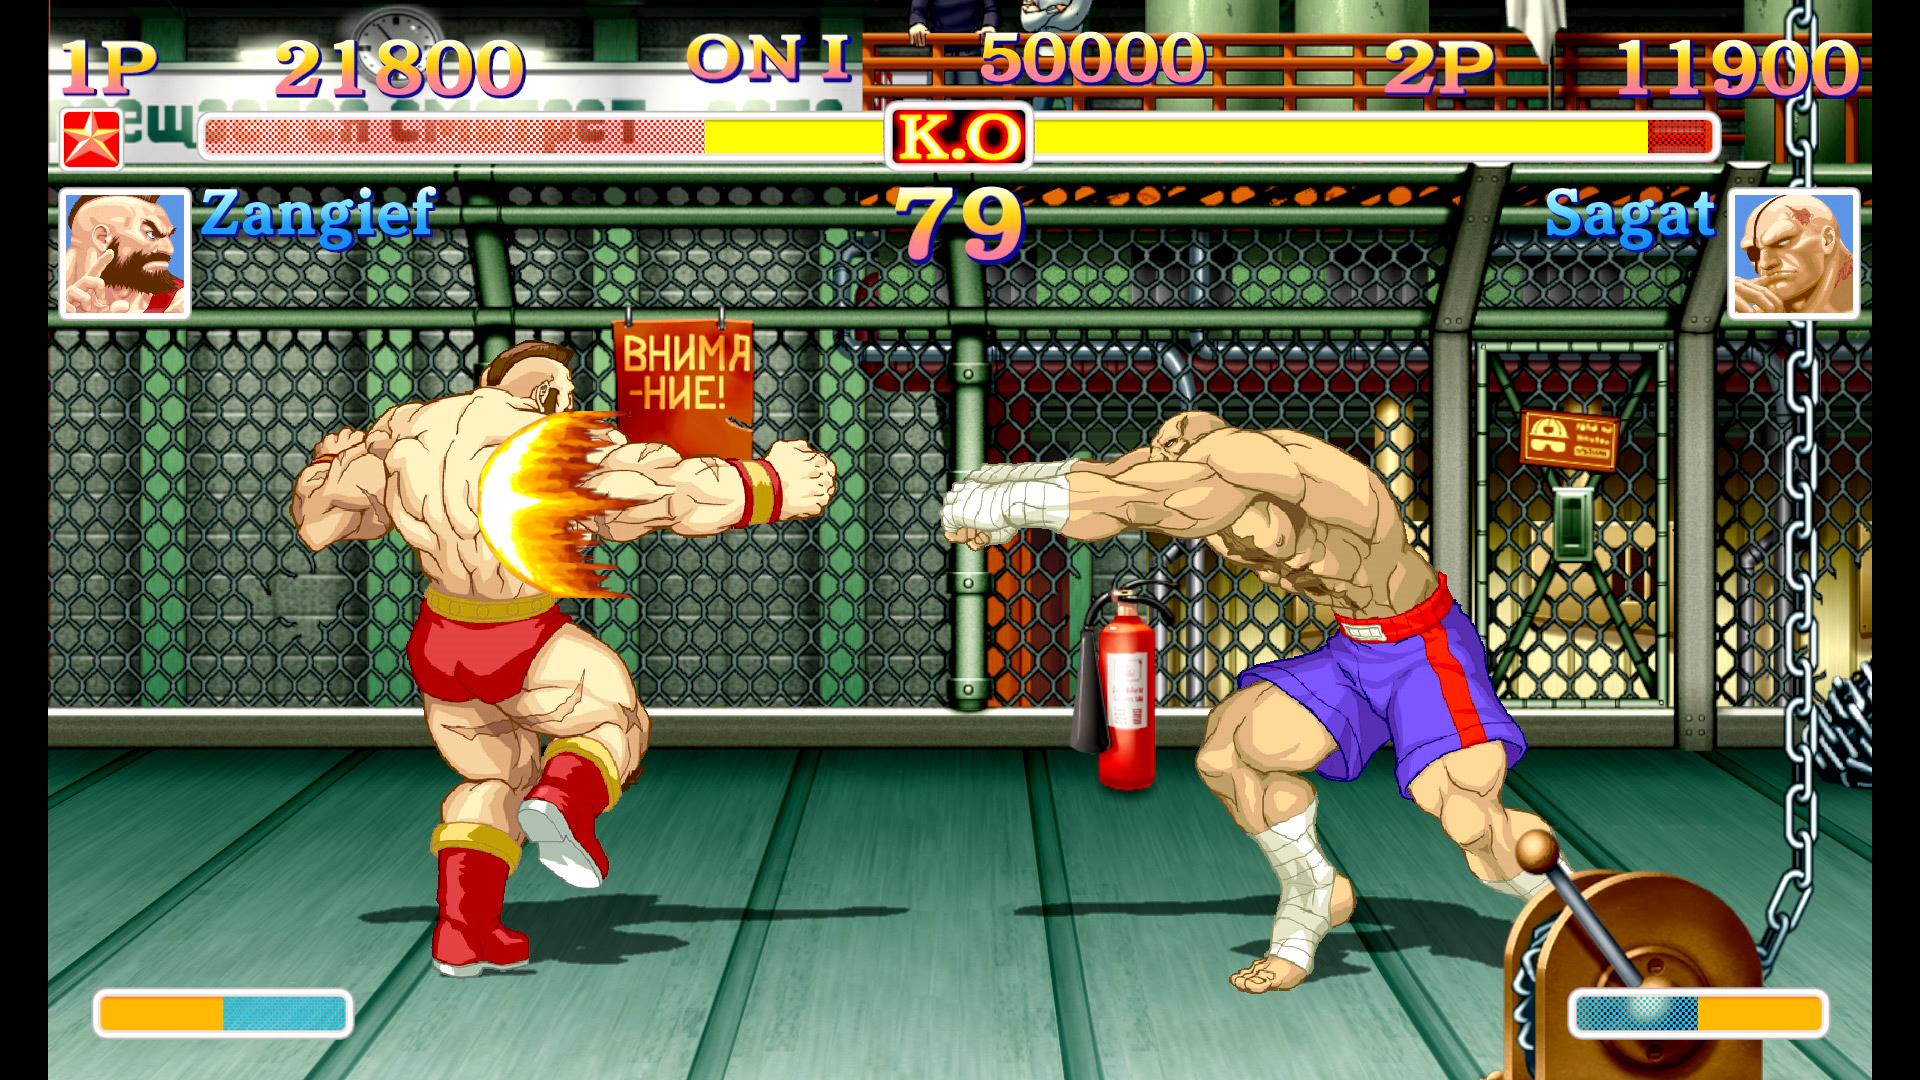 Resultado de imagen para ultra street fighter 2